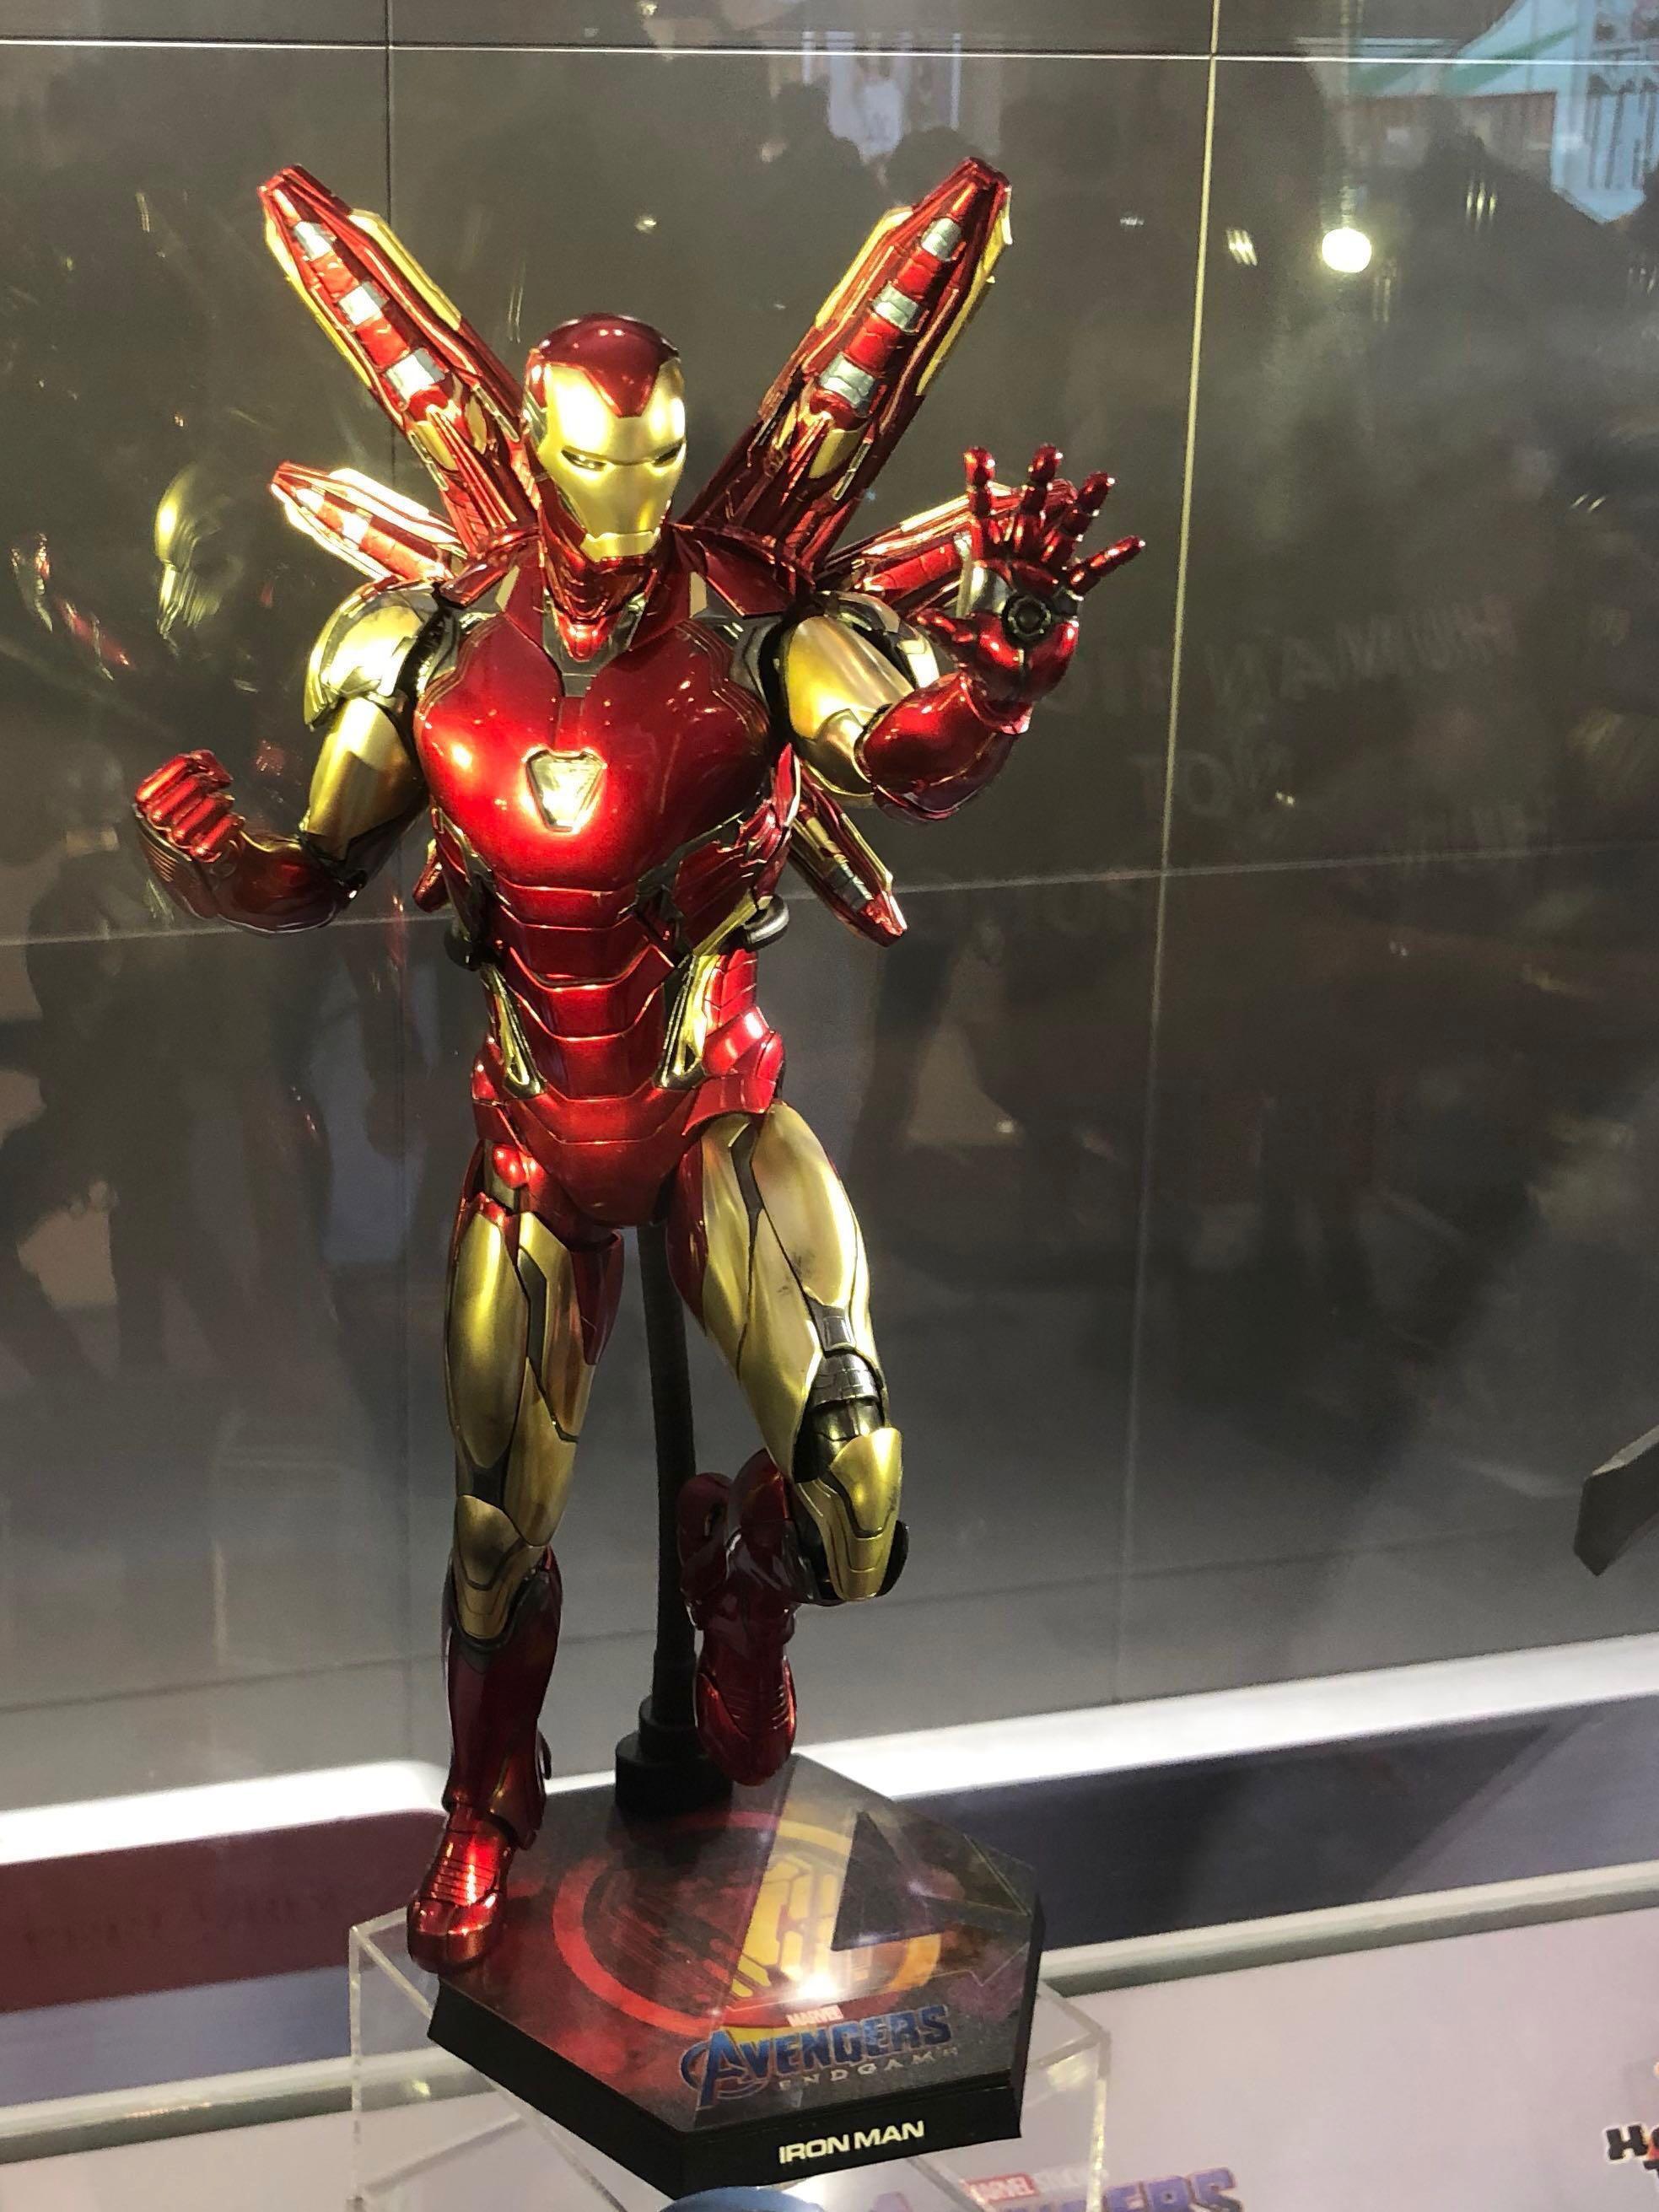 Hottoys marvel avengers endgame iron man mk 85 訂單